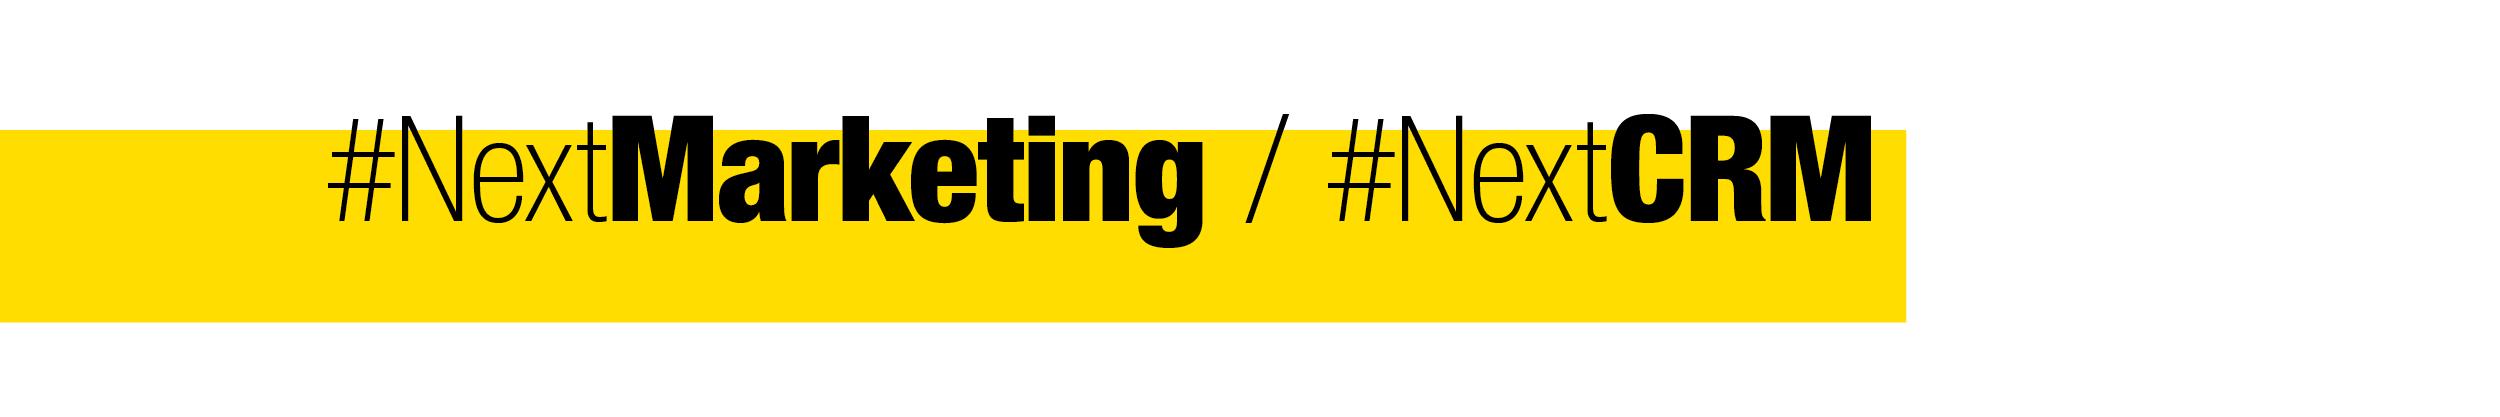 #NextMarketing / #NextCRM